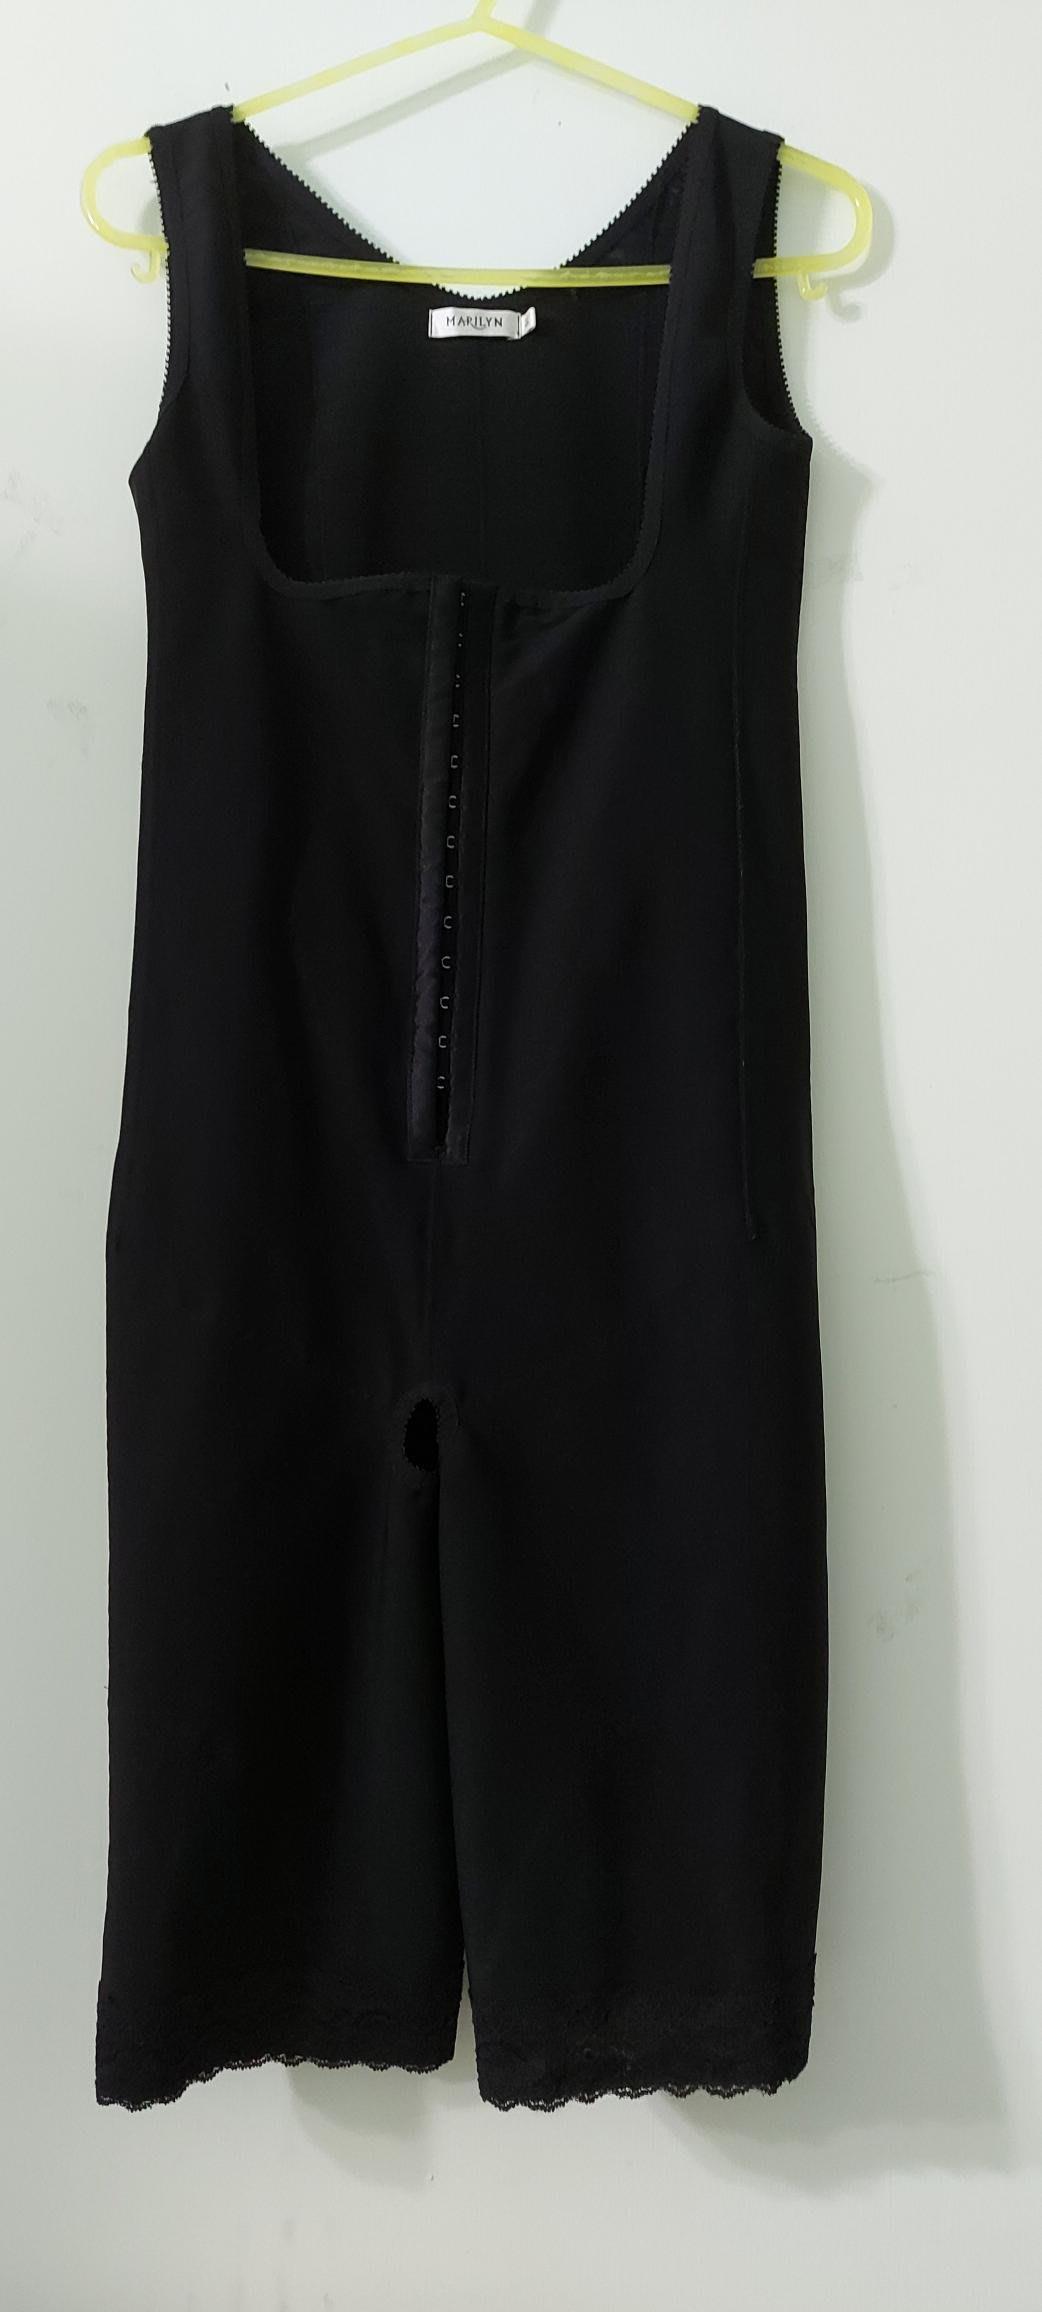 塑身衣頂級品牌 瑪麗蓮MARILYN 彈力塑身連身連體衣,黑無袖連褲底挖洞,單排扣01碼,個人認為較適合平常穿(大S跟M碼 )三宅 夏姿 維納斯 蘿琳亞 蕾迪琳